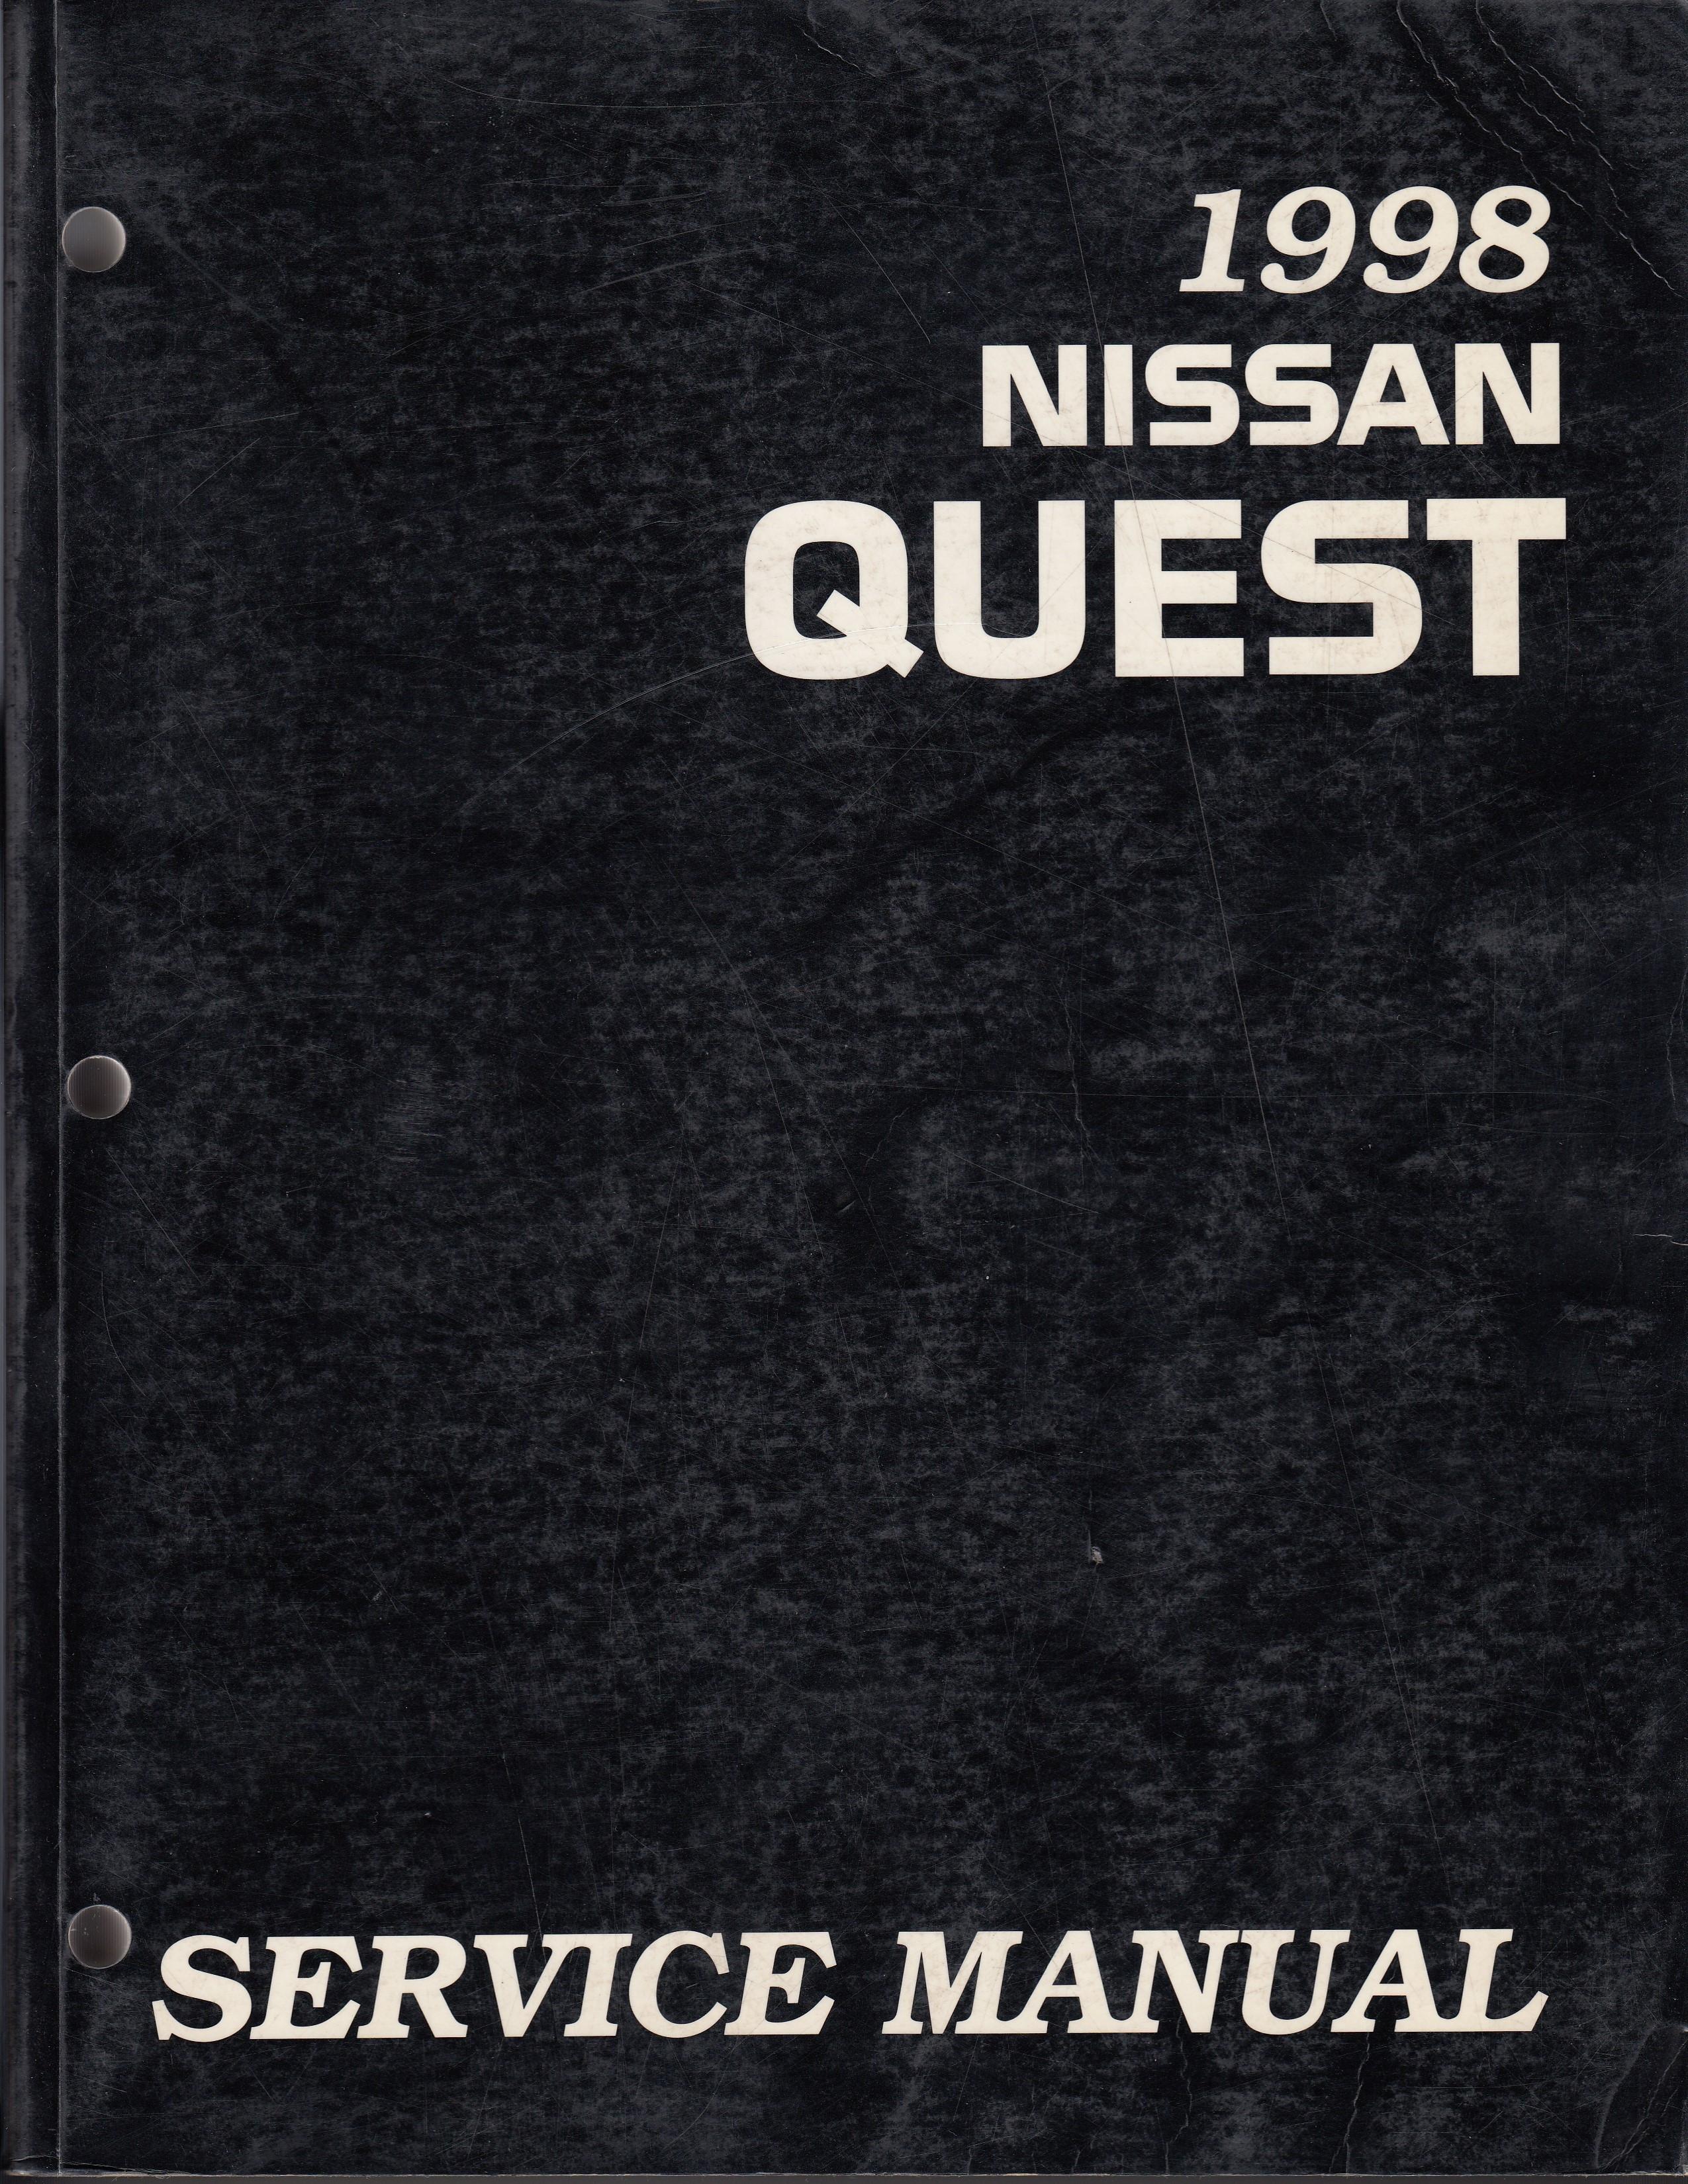 Nissan Quest (93-98) Werkstatthandbuch von 1998